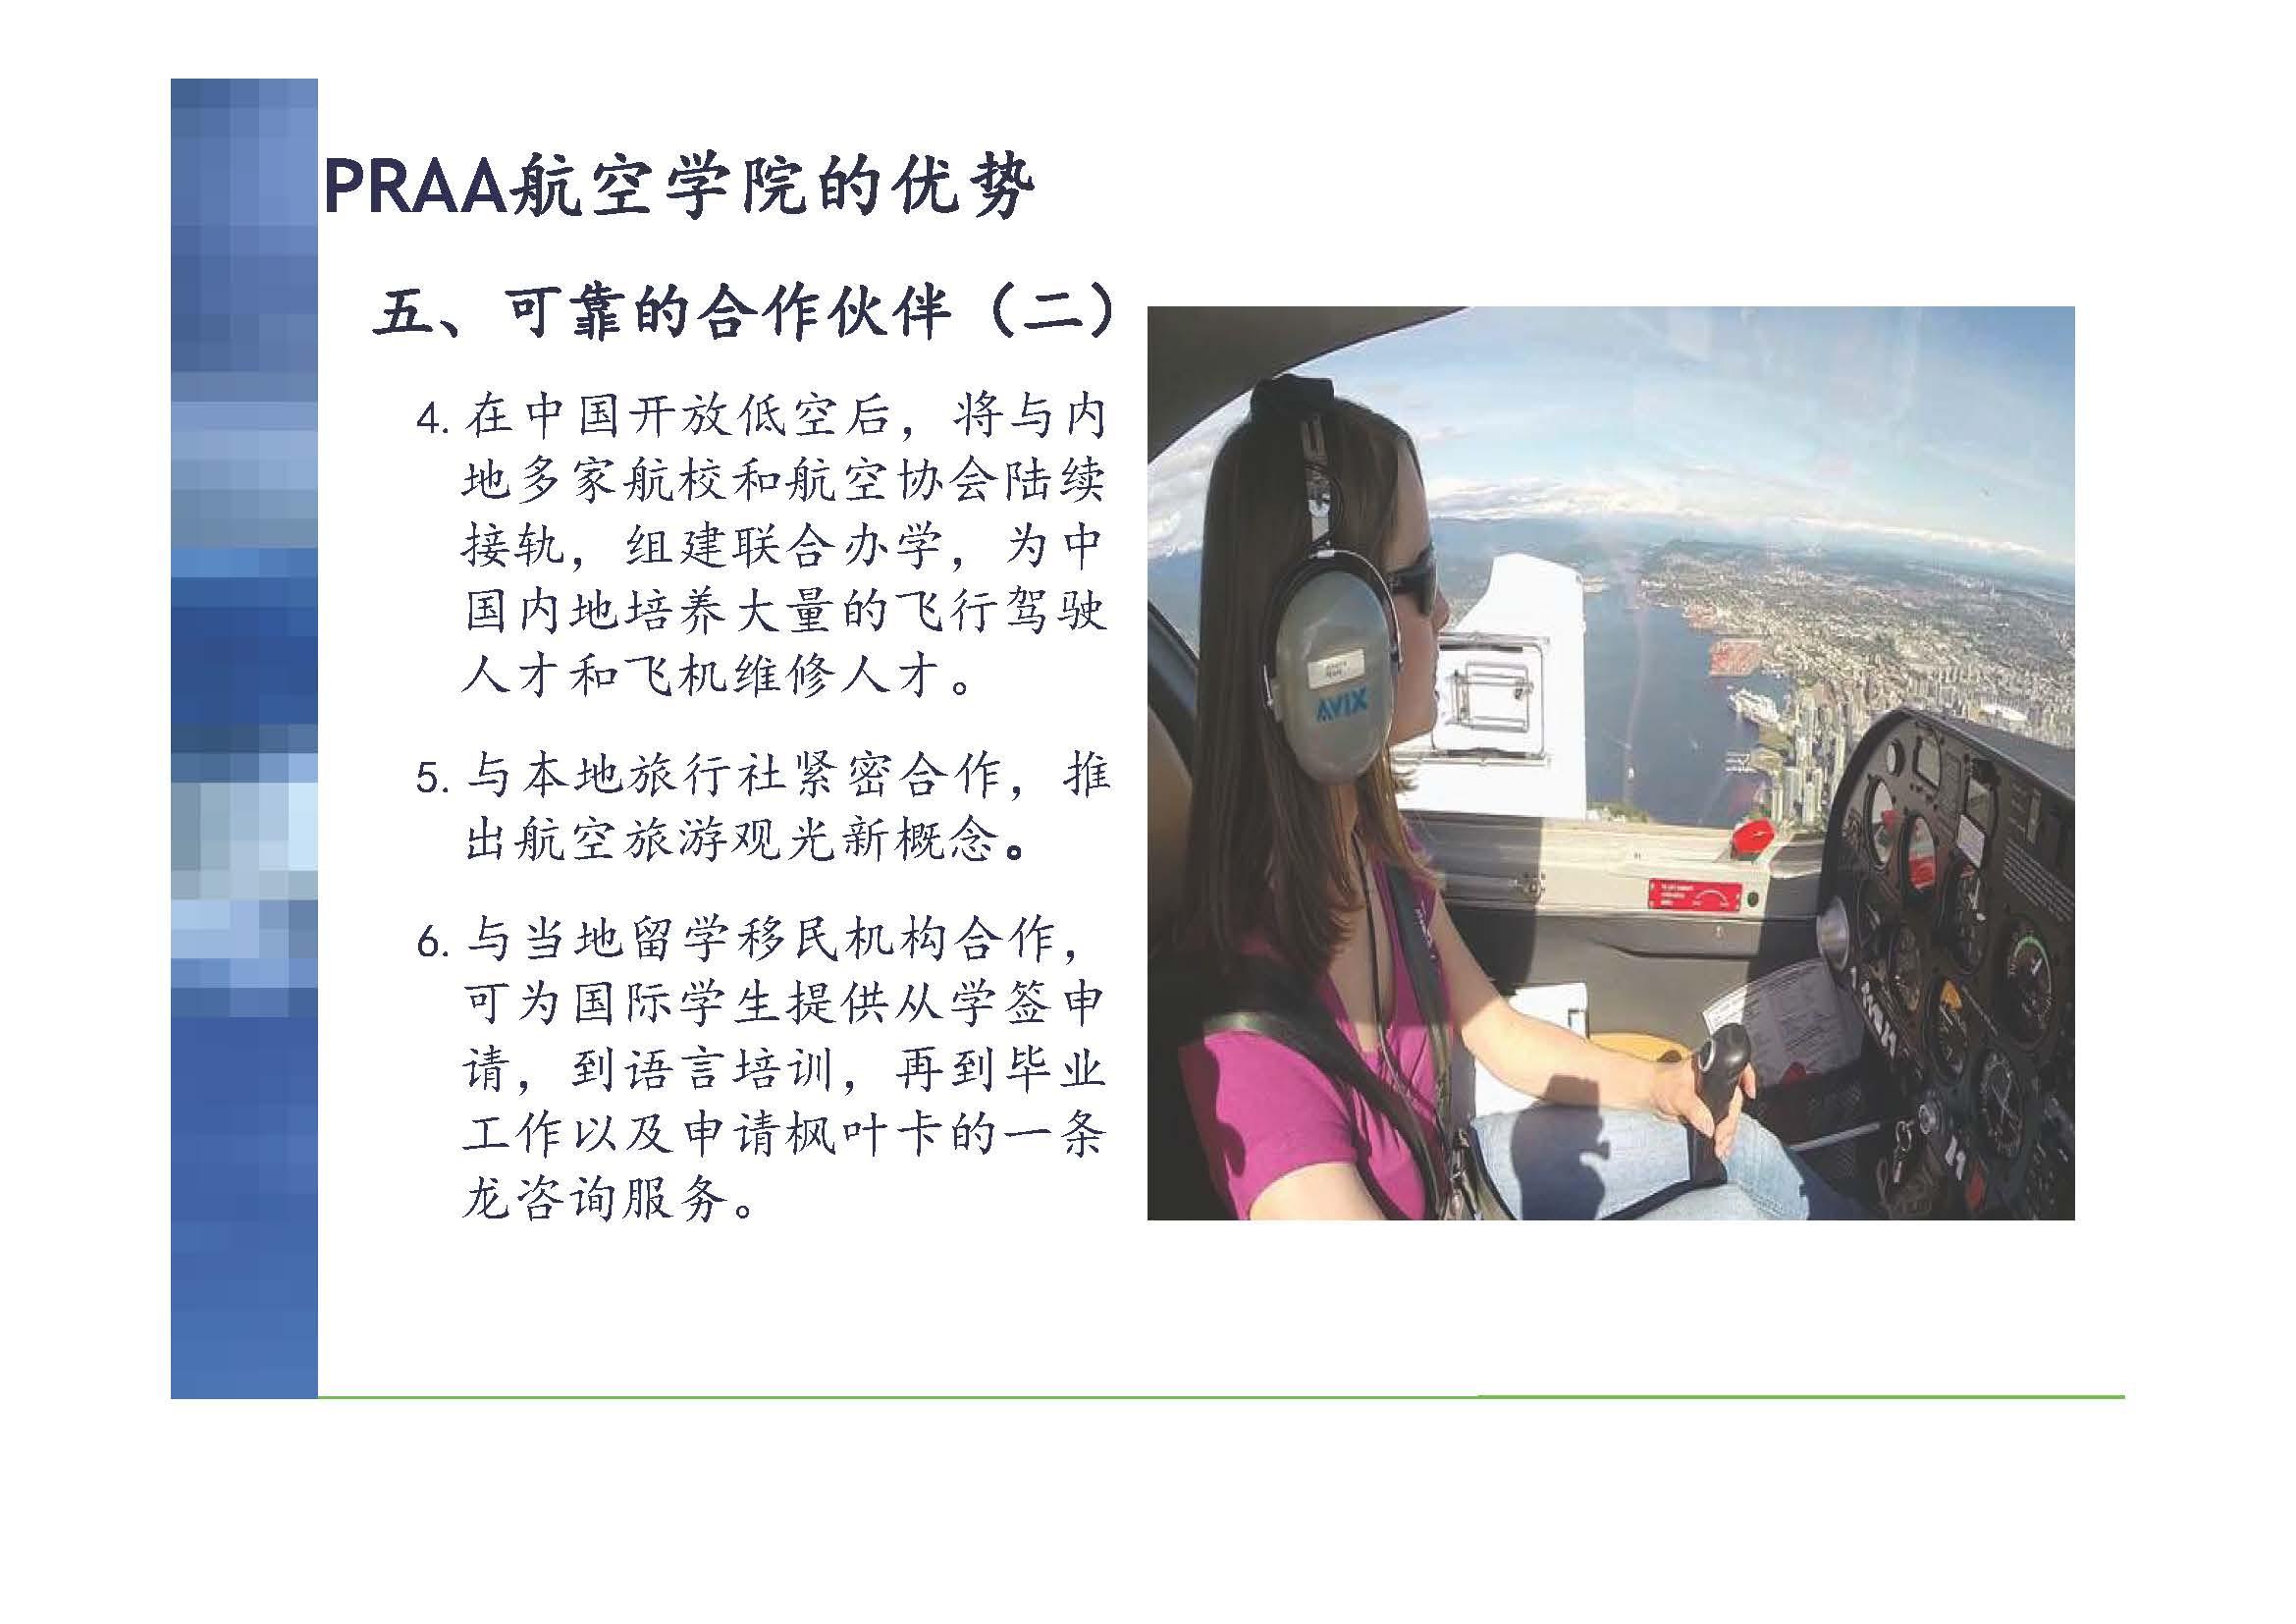 pnpjpg page 15